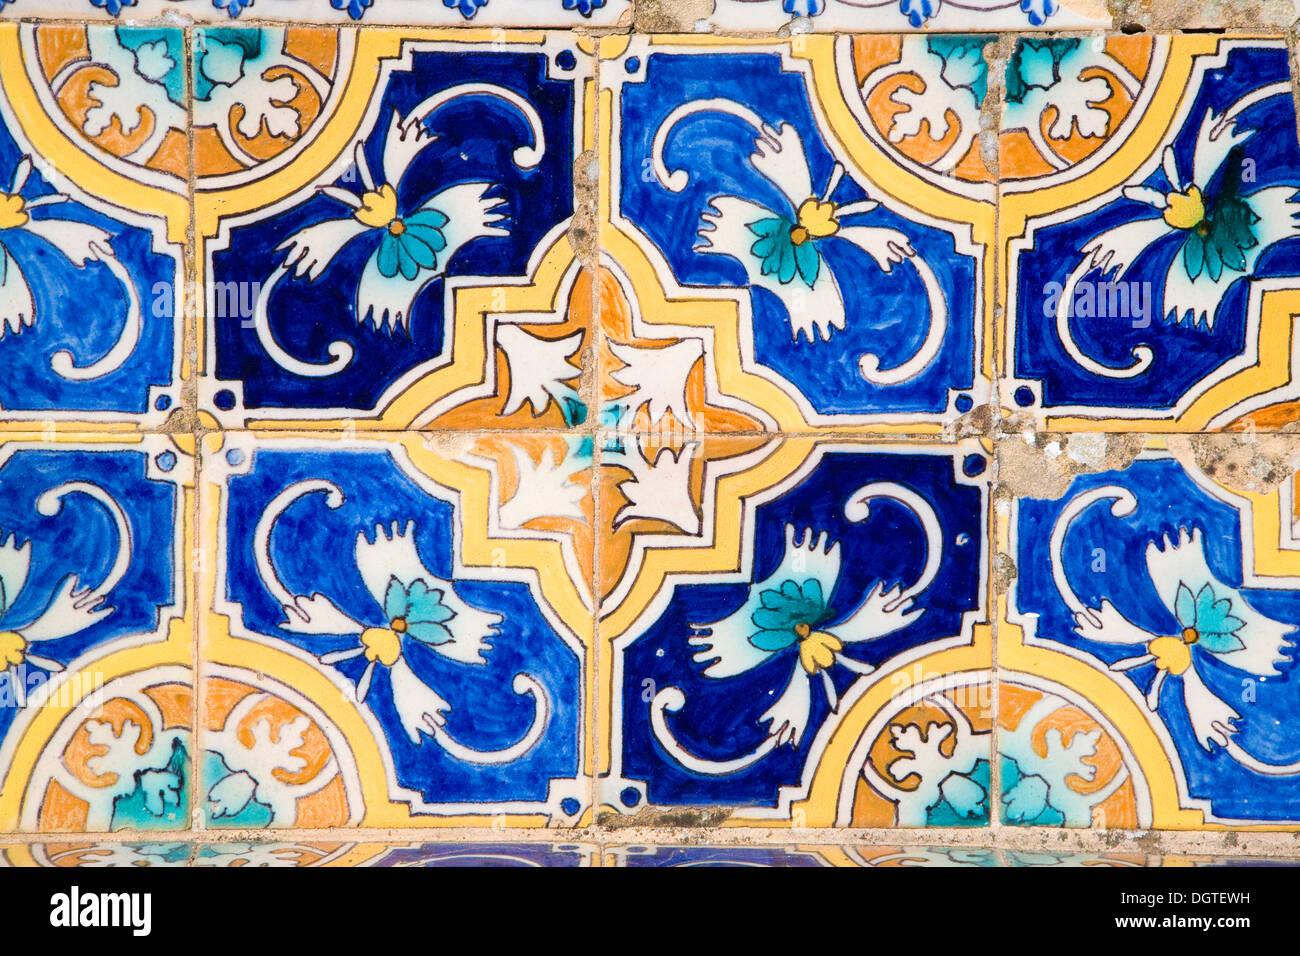 Decoración Cerámica azulejos moriscos patrones Ronda España Imagen De Stock